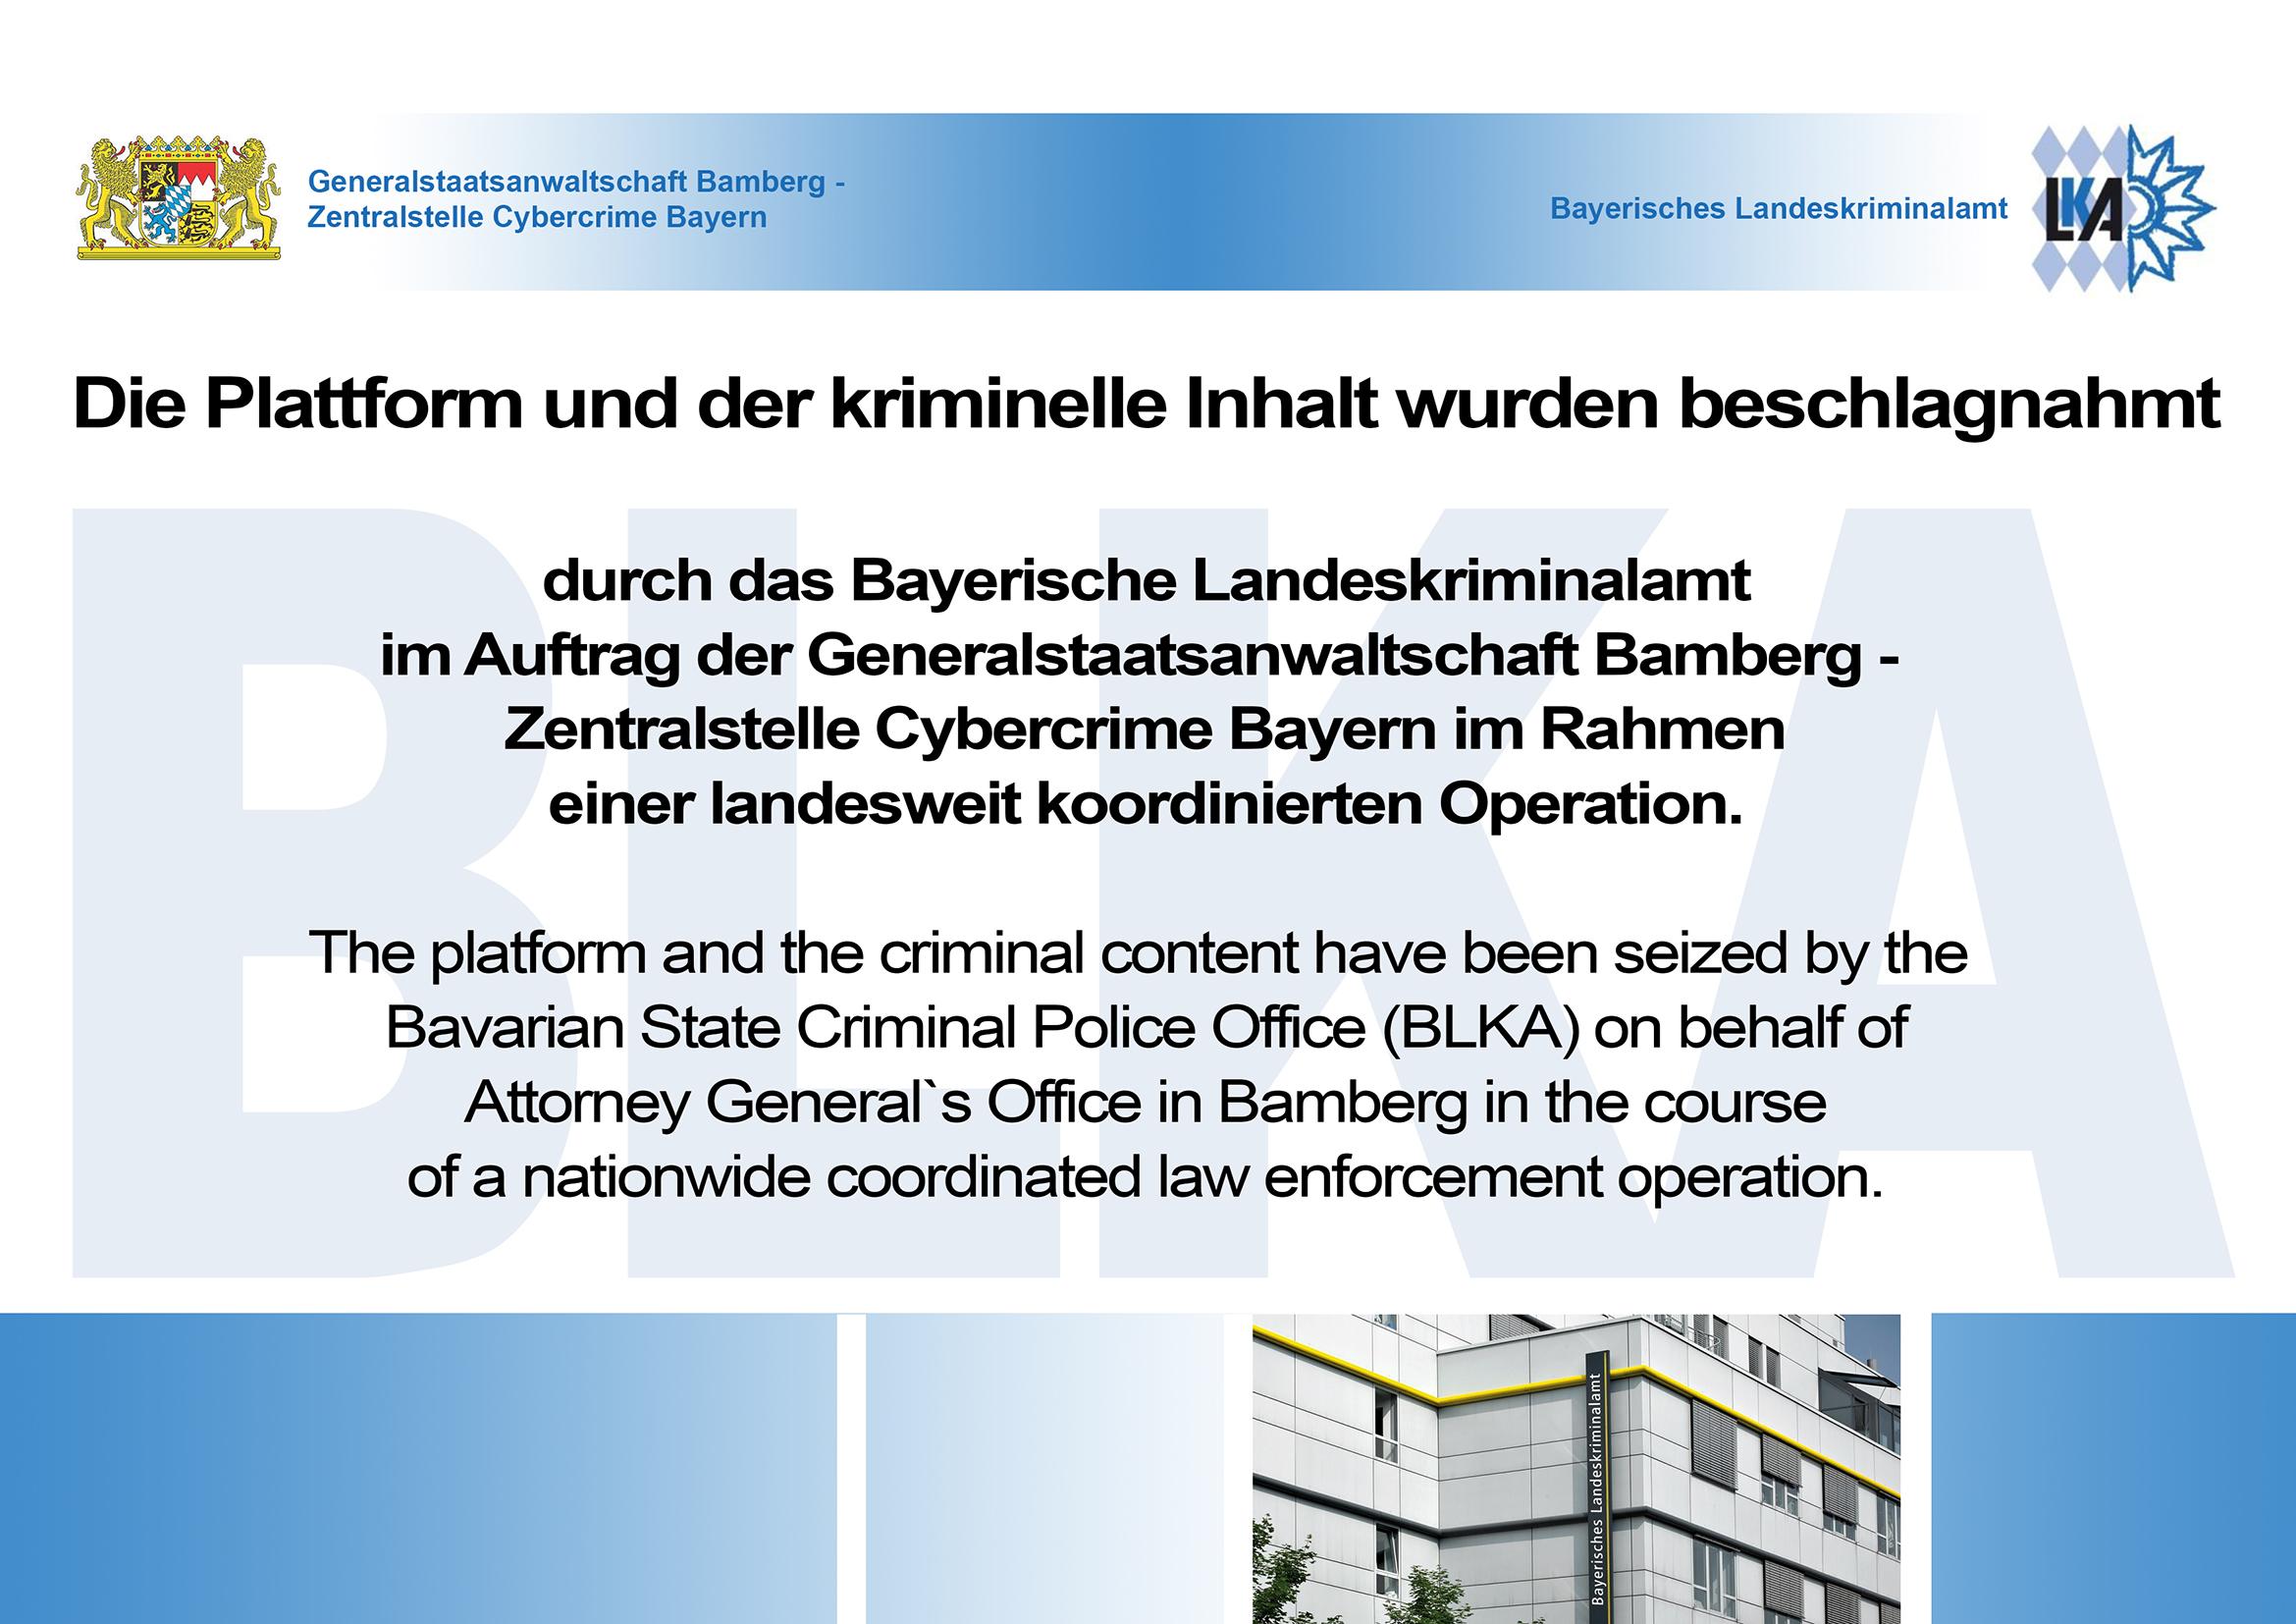 Pressemitteilung 1/2017 - Bayerisches Staatsministerium der Justiz